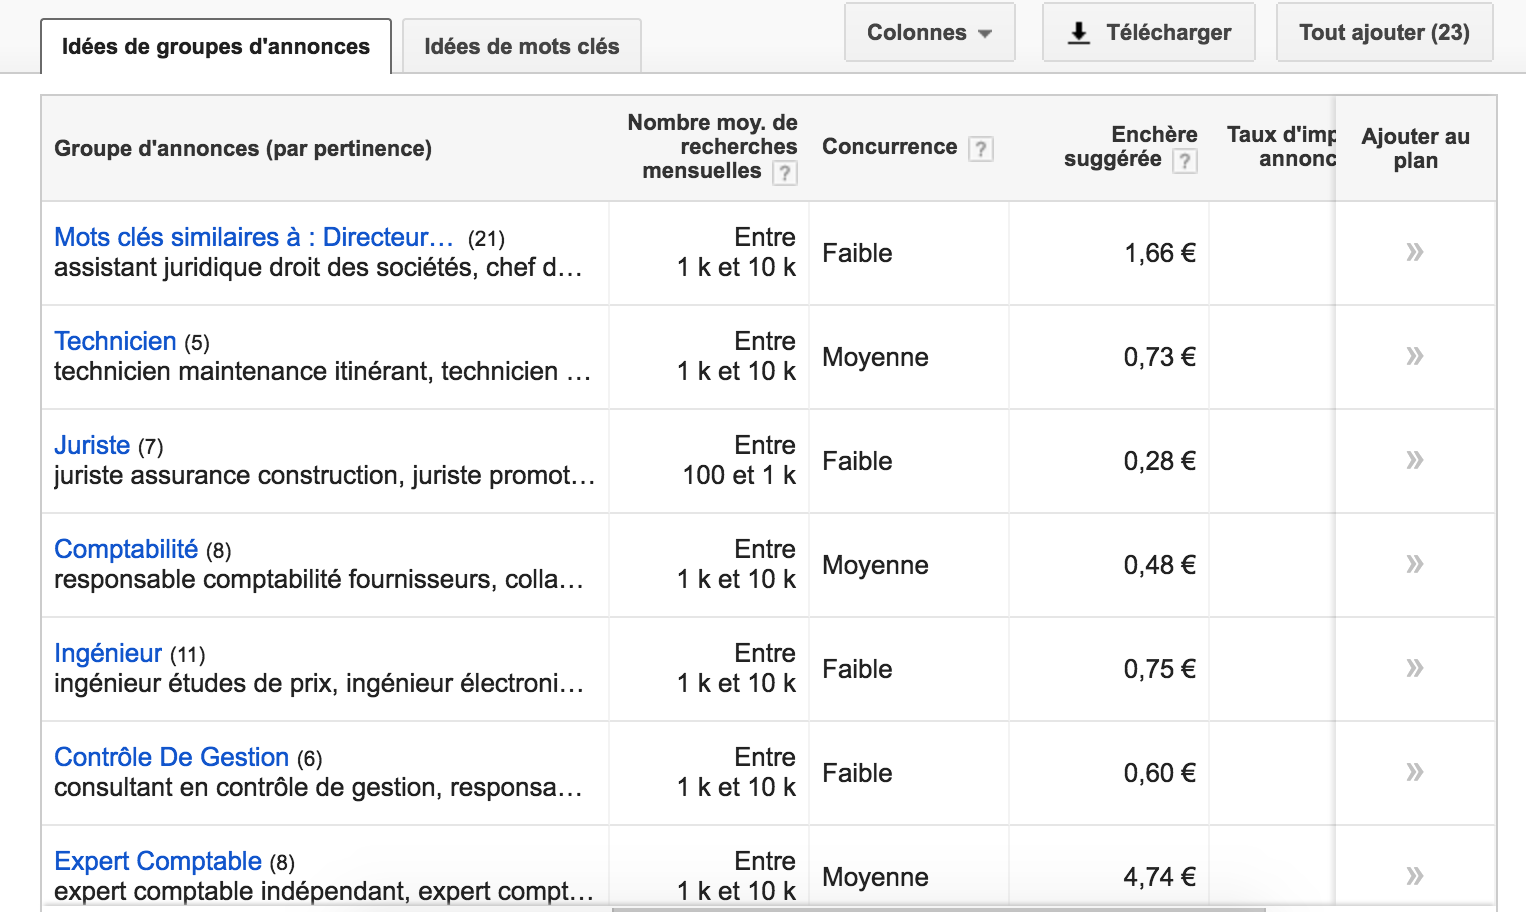 Résultats - outil de planification de mots clés de Google